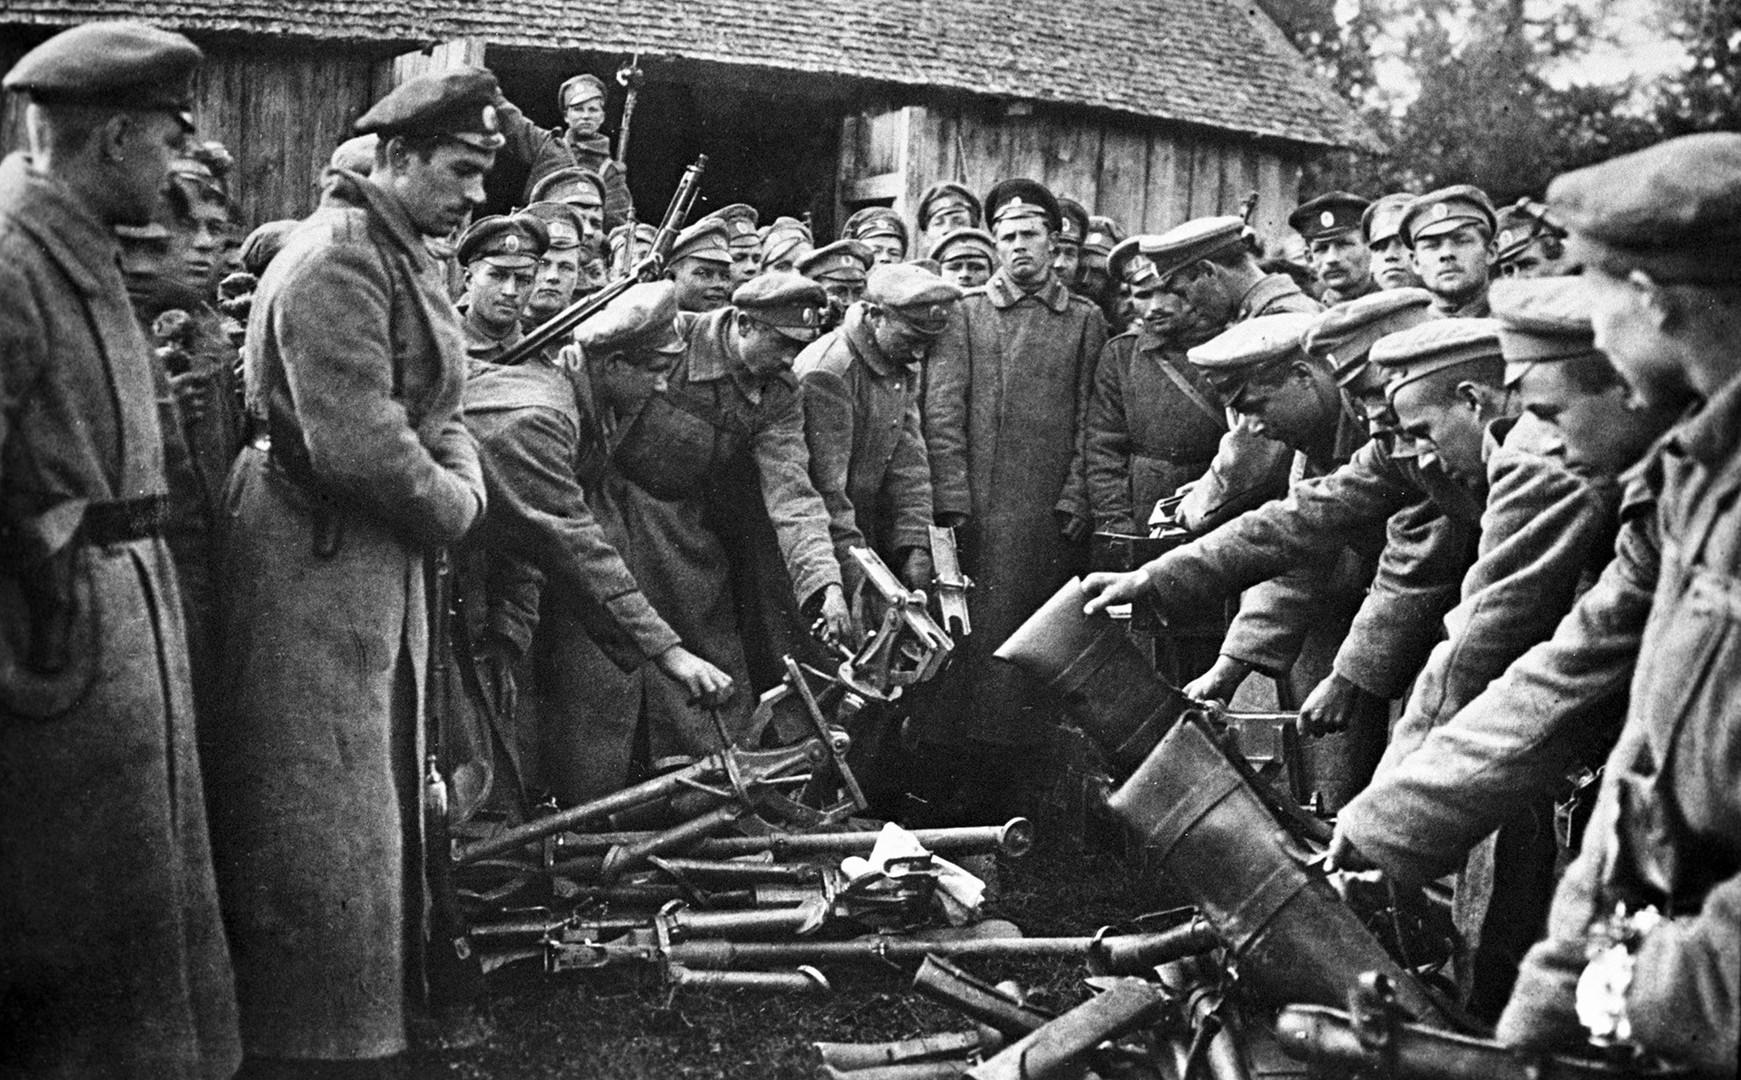 Die Soldaten von General Kornilow geben ihre Waffen ab.